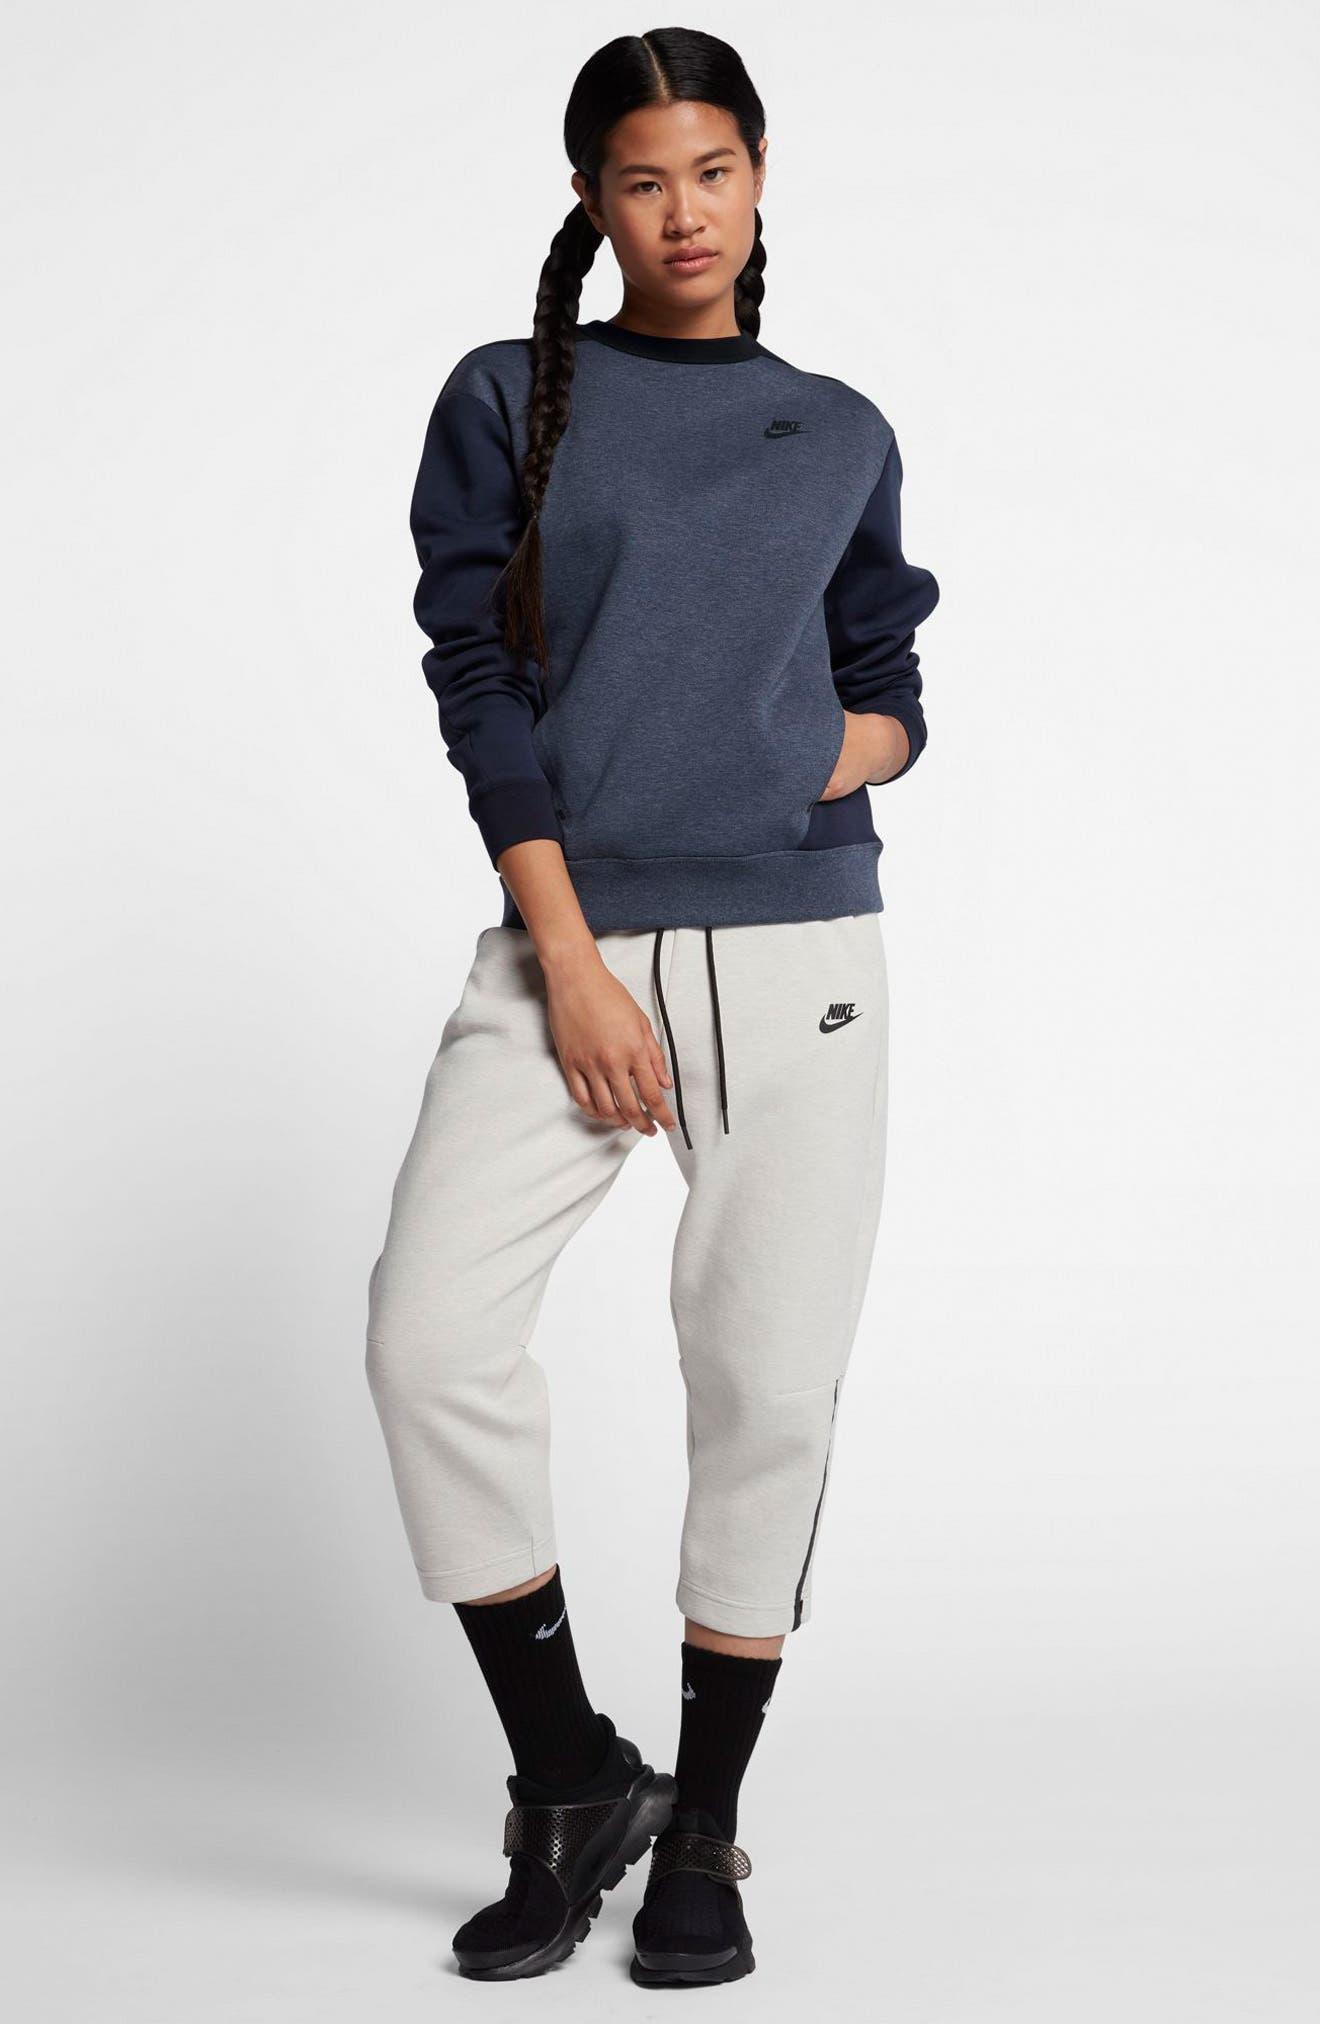 Sportswear Women's Tech Fleece Crew,                             Alternate thumbnail 7, color,                             OBSIDIAN/ BLACK/ BLACK